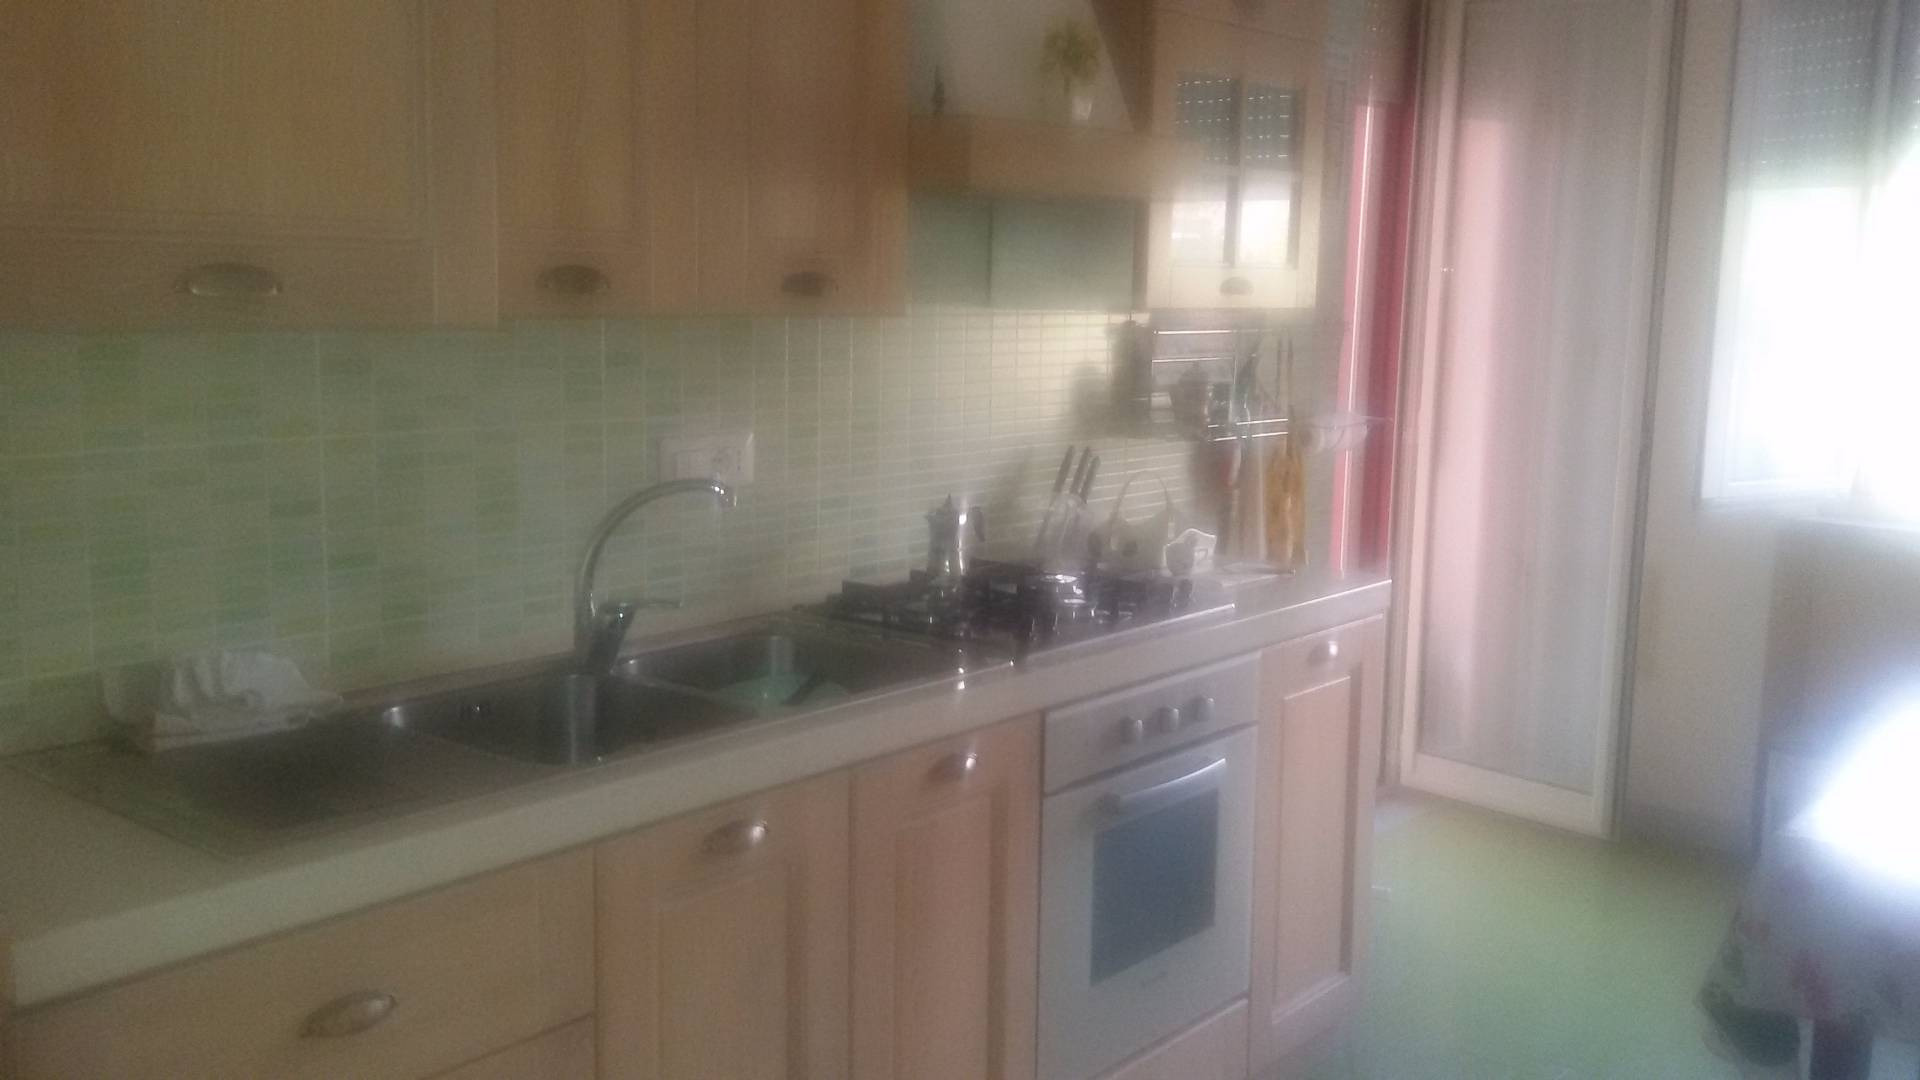 Appartamento in affitto a Baronissi, 3 locali, zona Località: centro, prezzo € 500 | CambioCasa.it